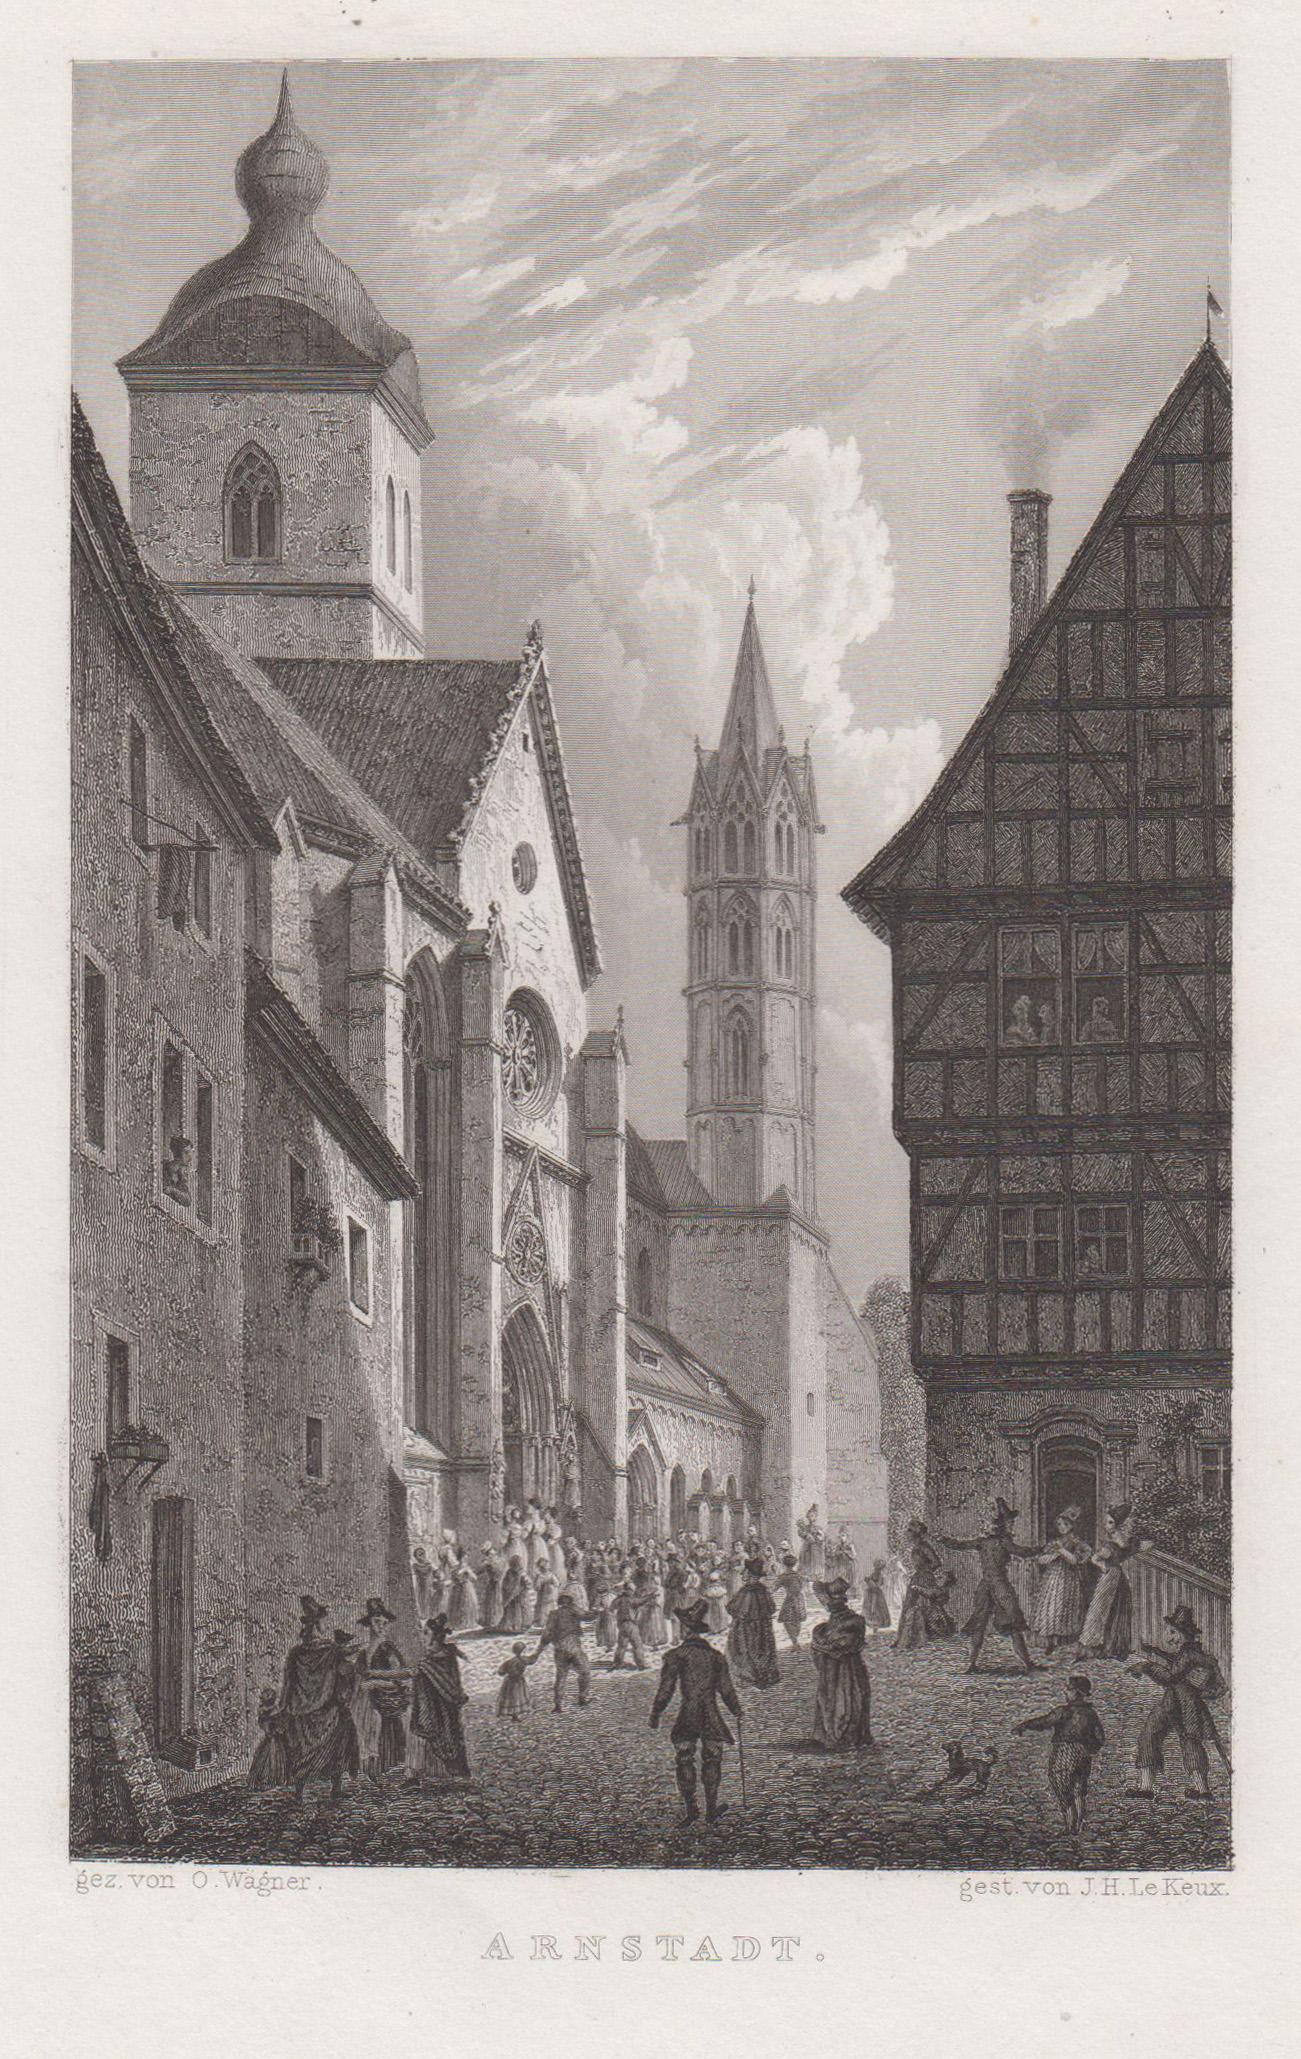 TA., Liebfrauenkirche.: Arnstadt: